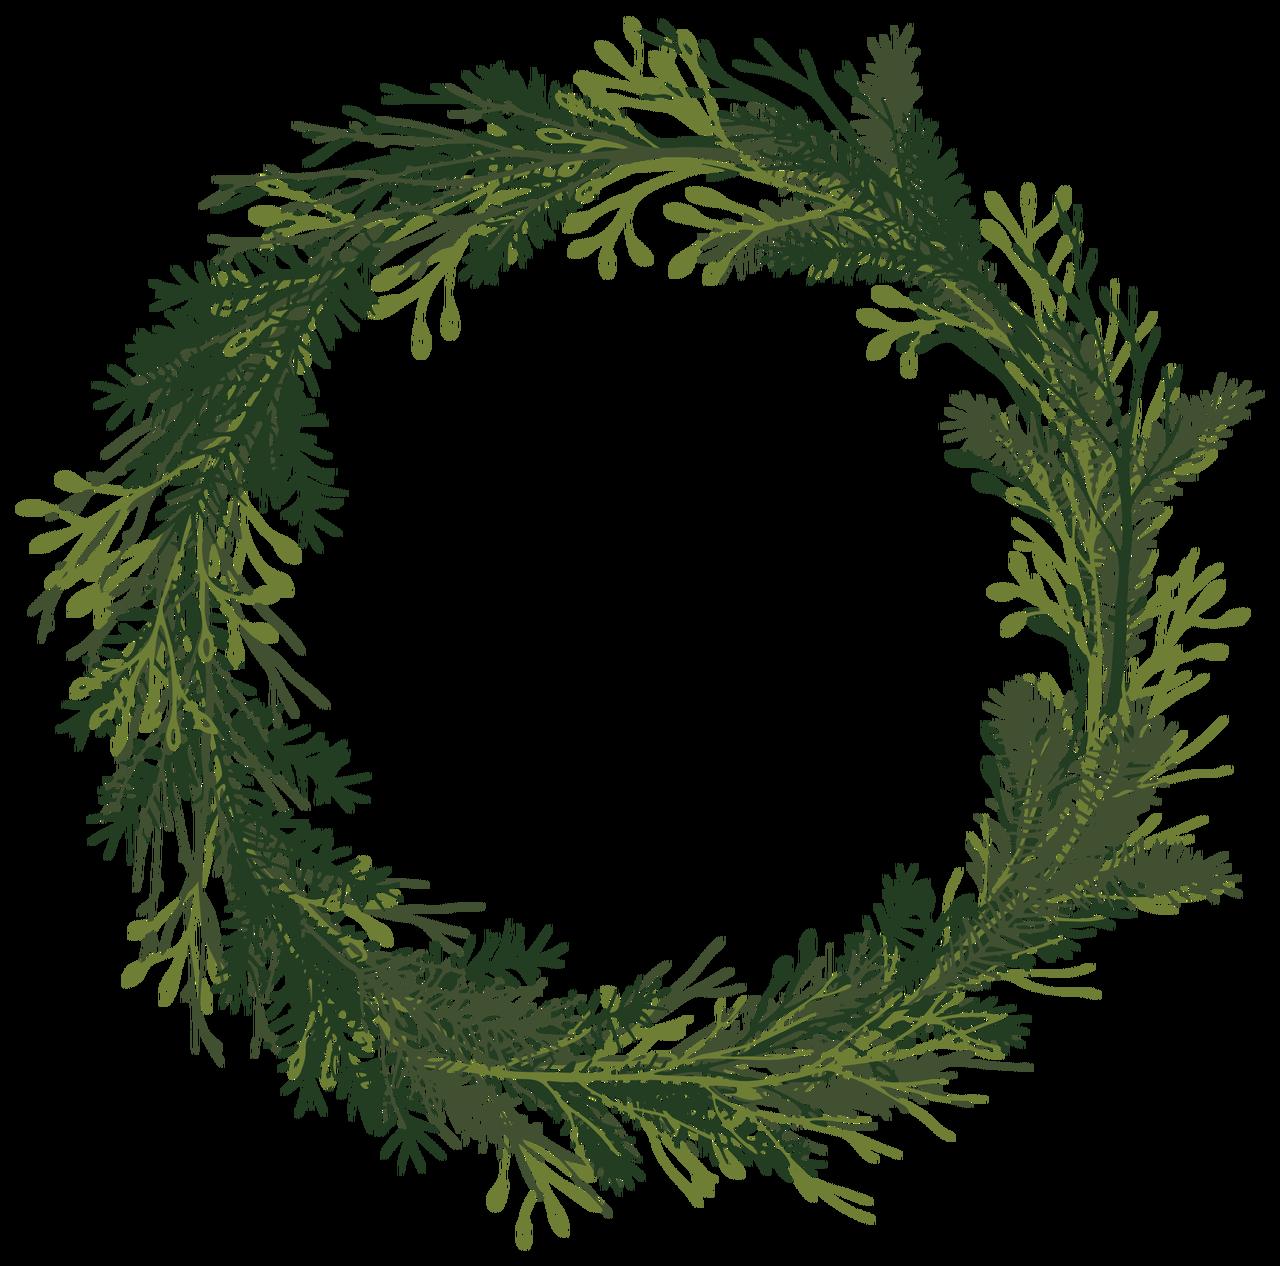 Let It Snow Wreath Print & Cut File